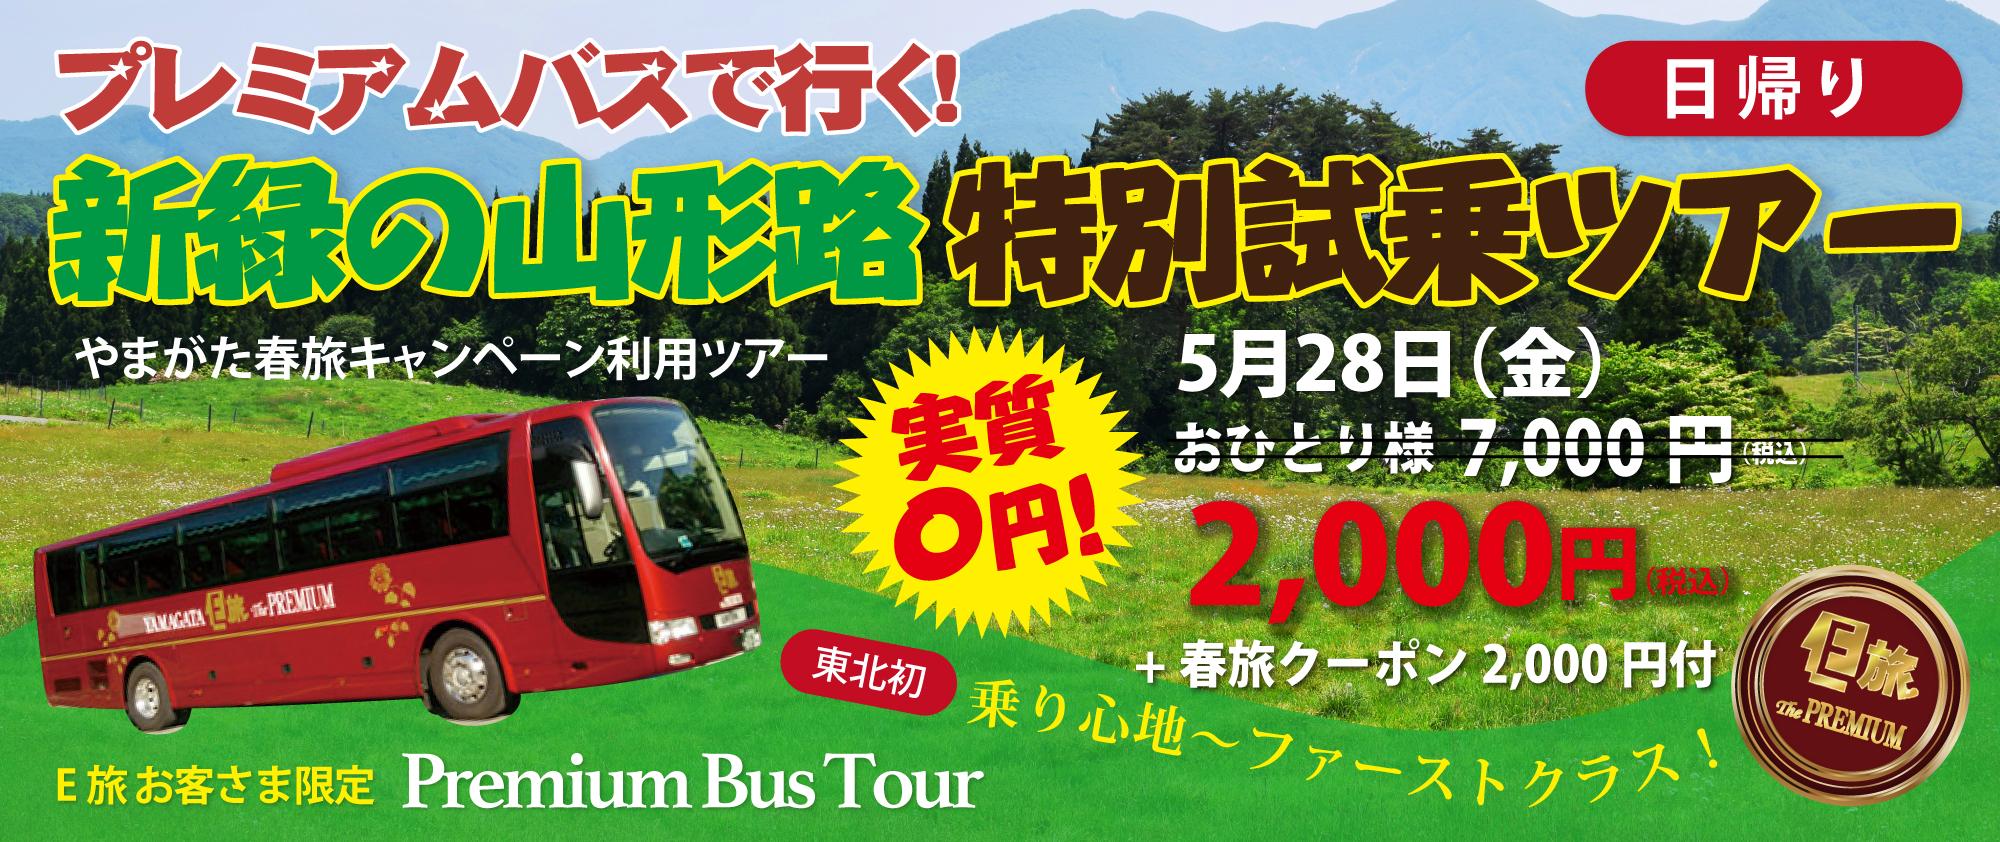 プレミアムバスで行く!新緑の山形路特別試乗ツアー